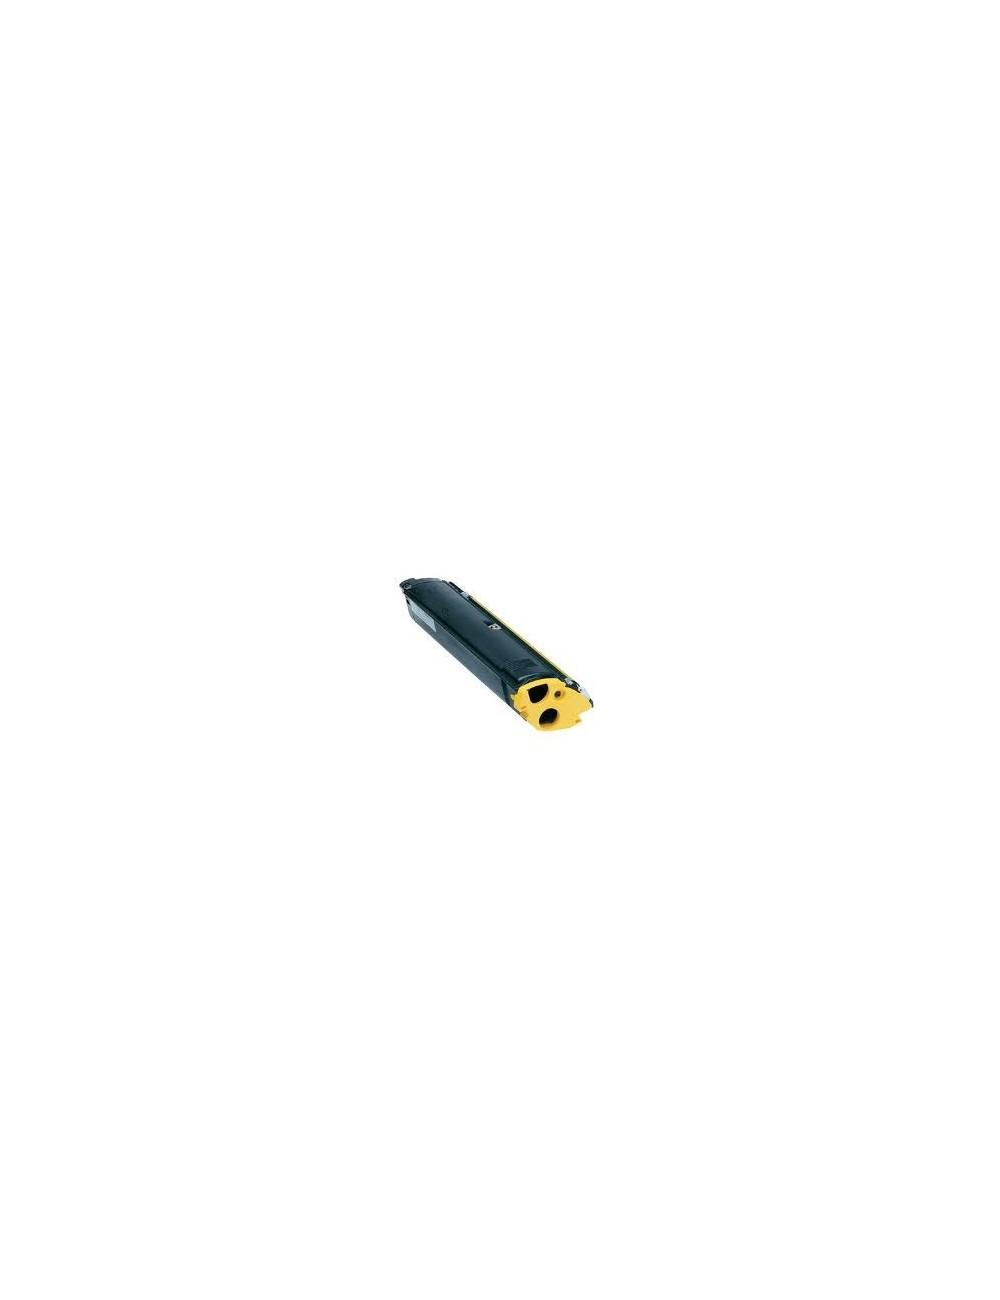 Συμβατό Τόνερ -Konica minolta 2300 Epson C900-1900 Yellow 4.500k pgs